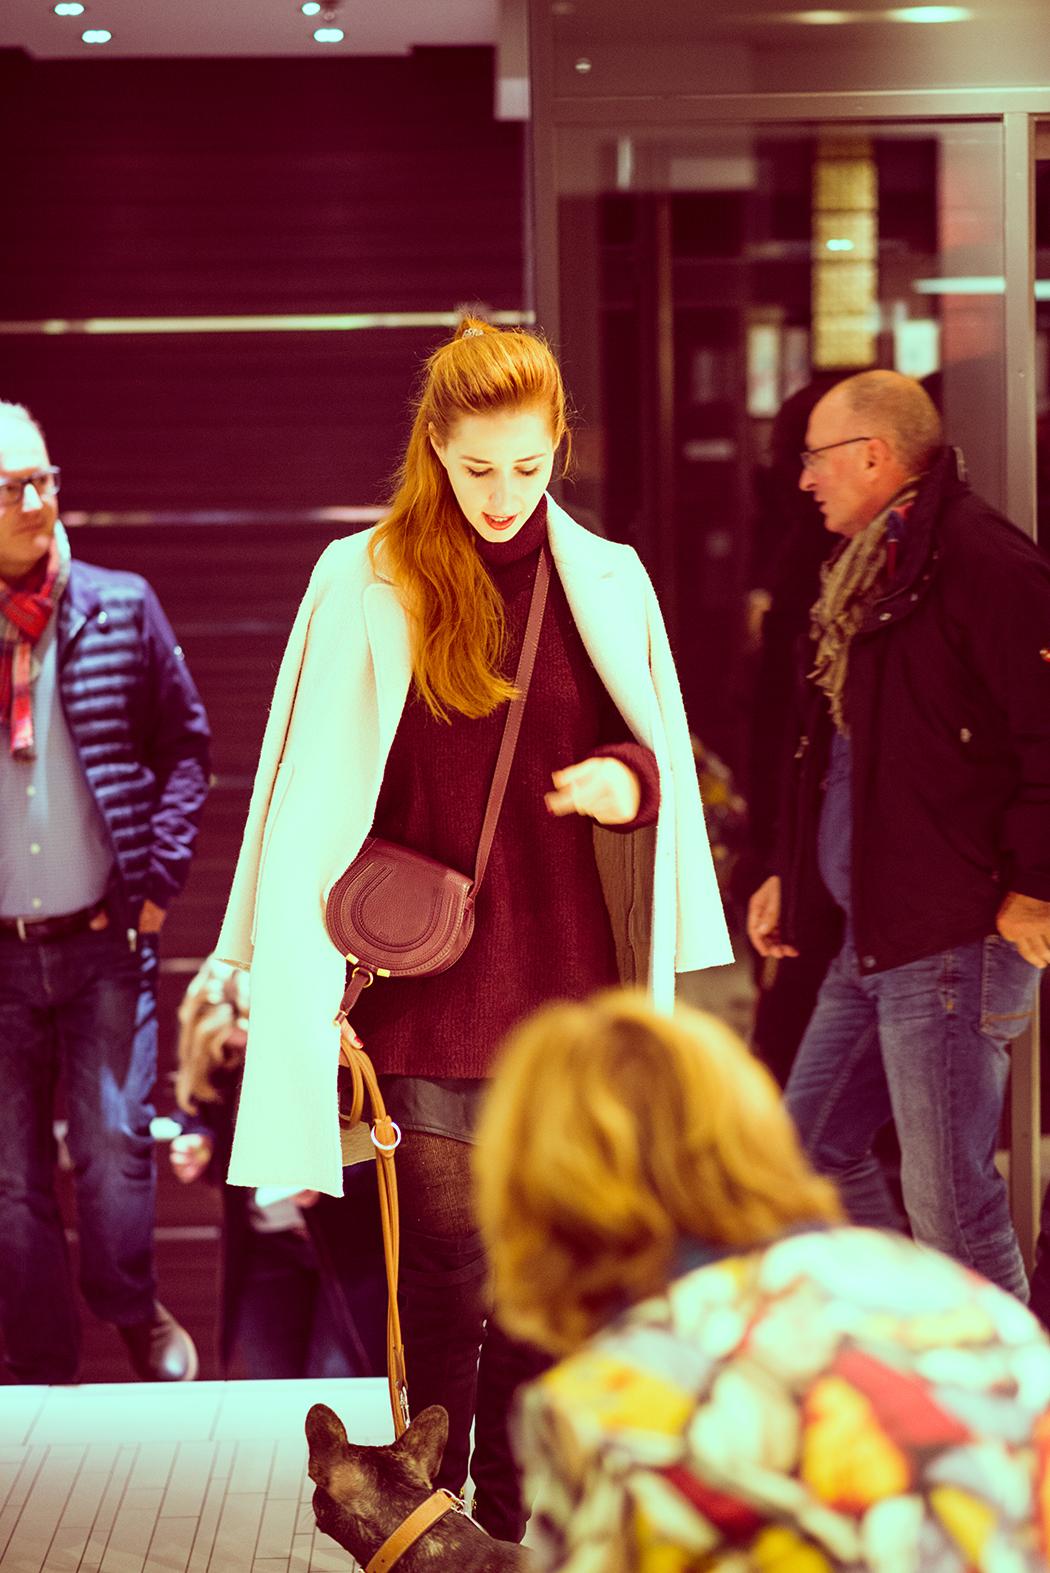 Fashionblog-Fashionblogger-Fashion-Blog-Blogger-Lifestyle-München-Deutschland-Munich-Germany-Nespresso-Pop-up-Lindarella-4